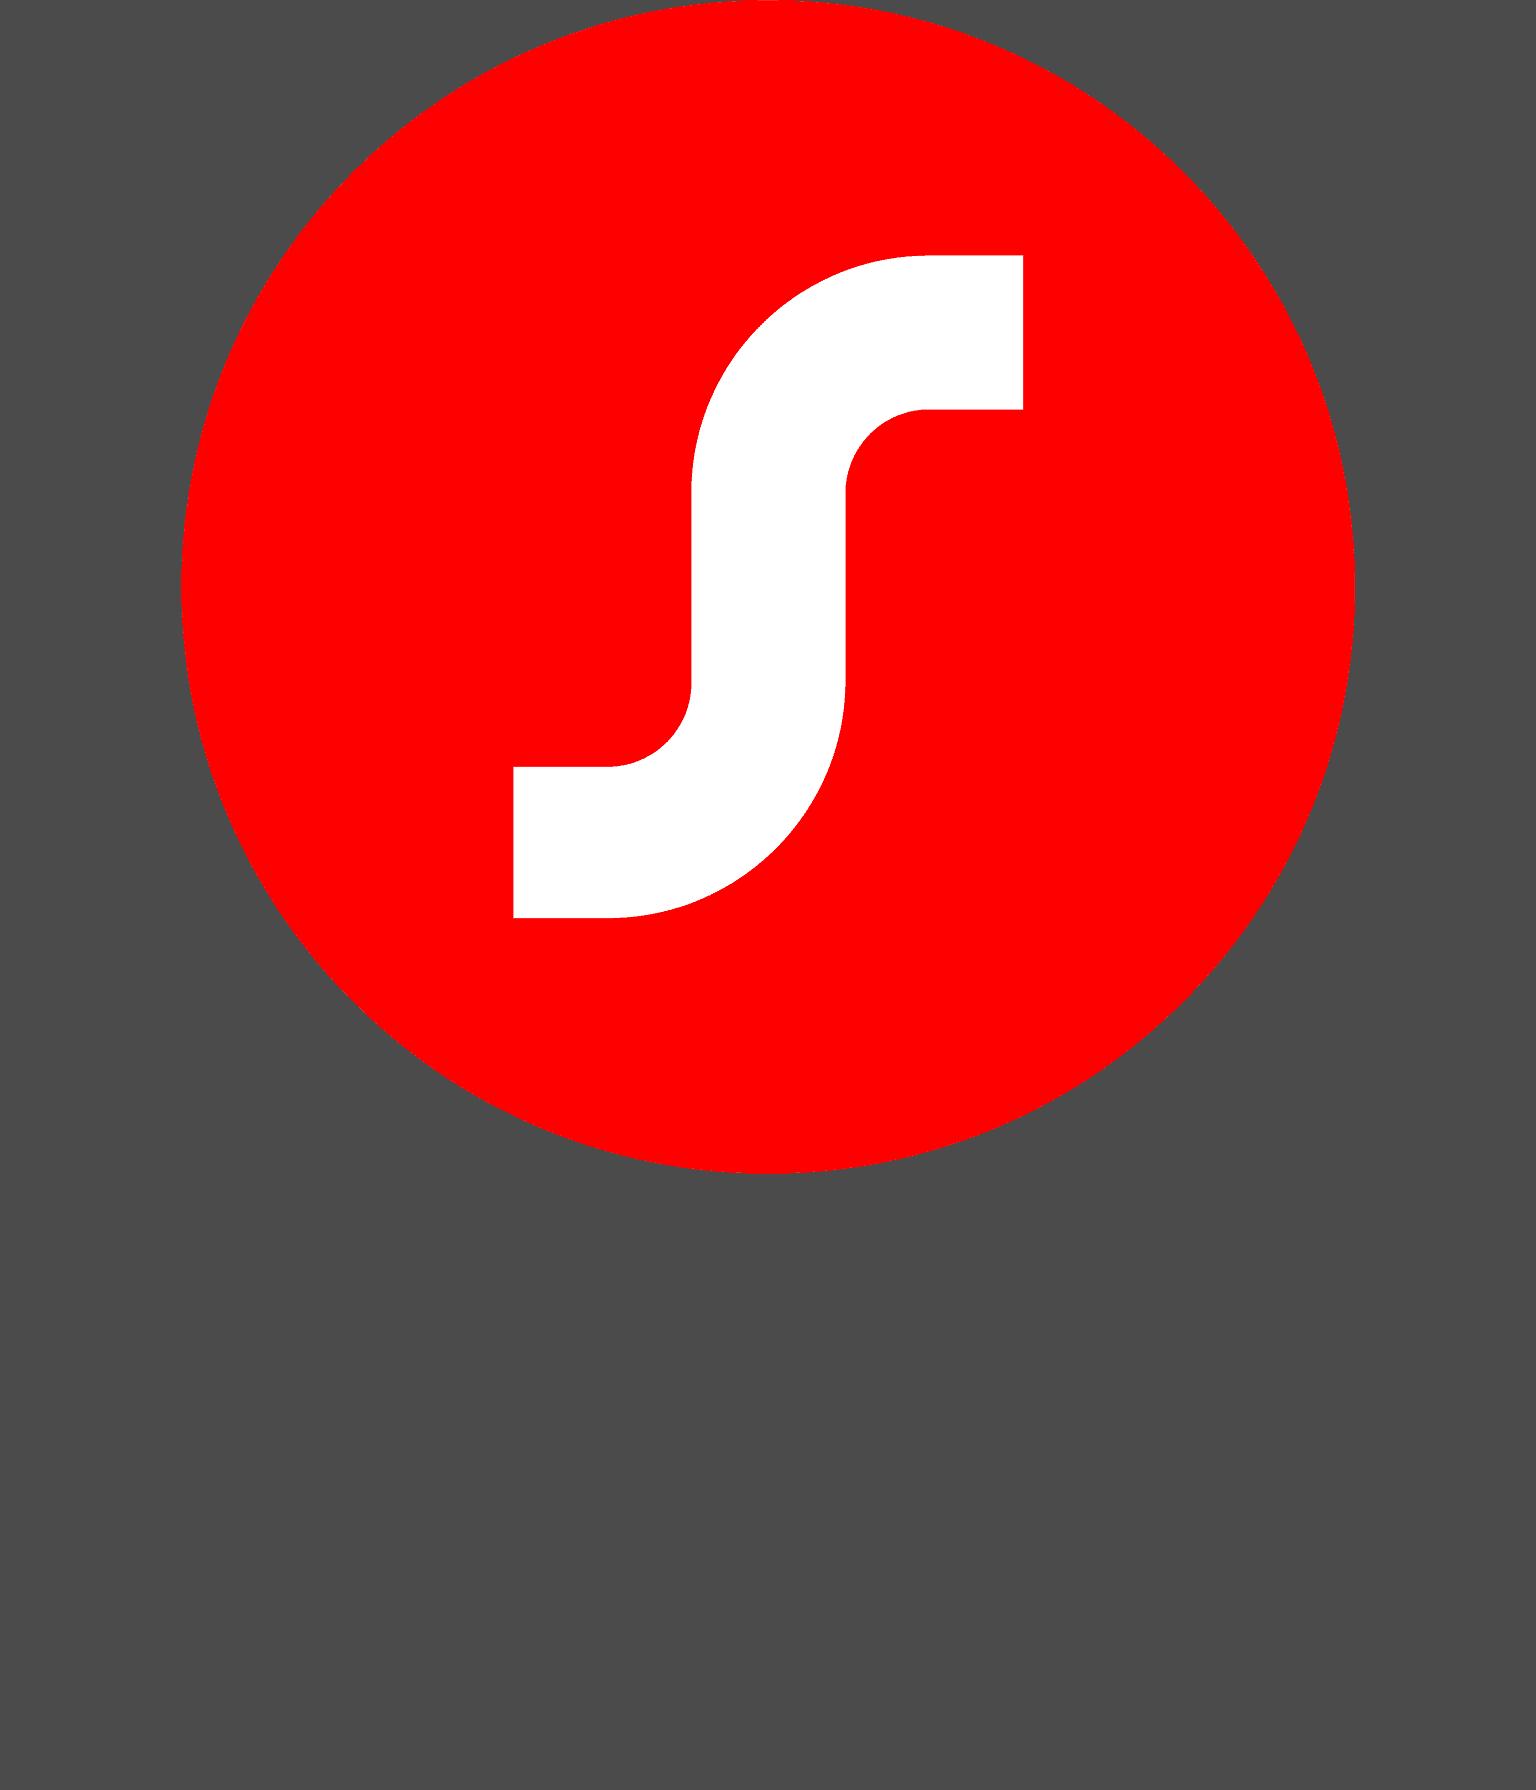 Signia - Red & Grey - RGB (1)